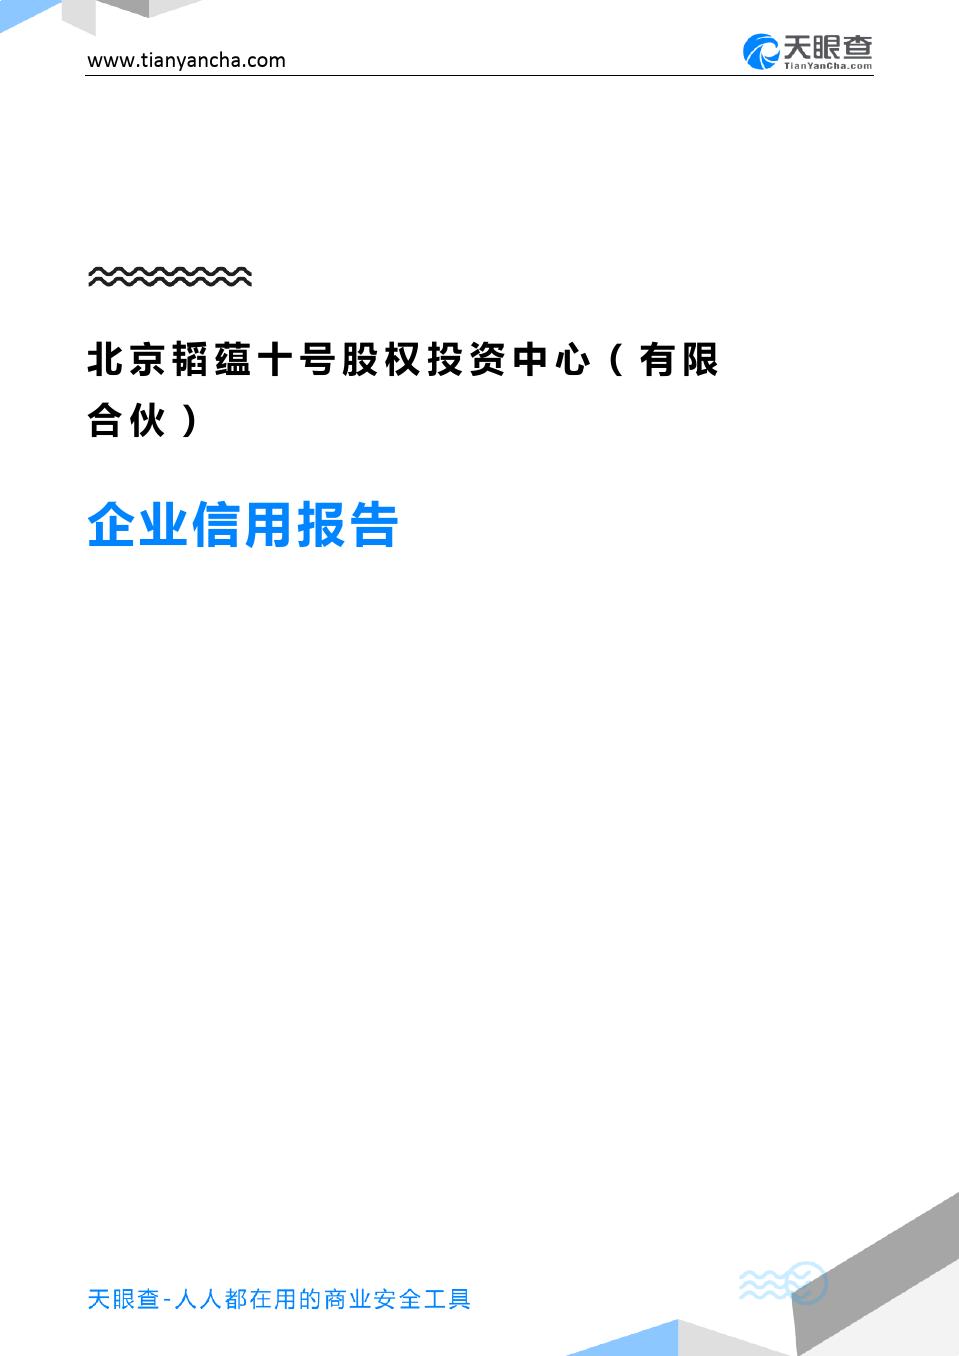 北京韬蕴十号股权投资中心(有限合伙)(企业信用报告)- 天眼查